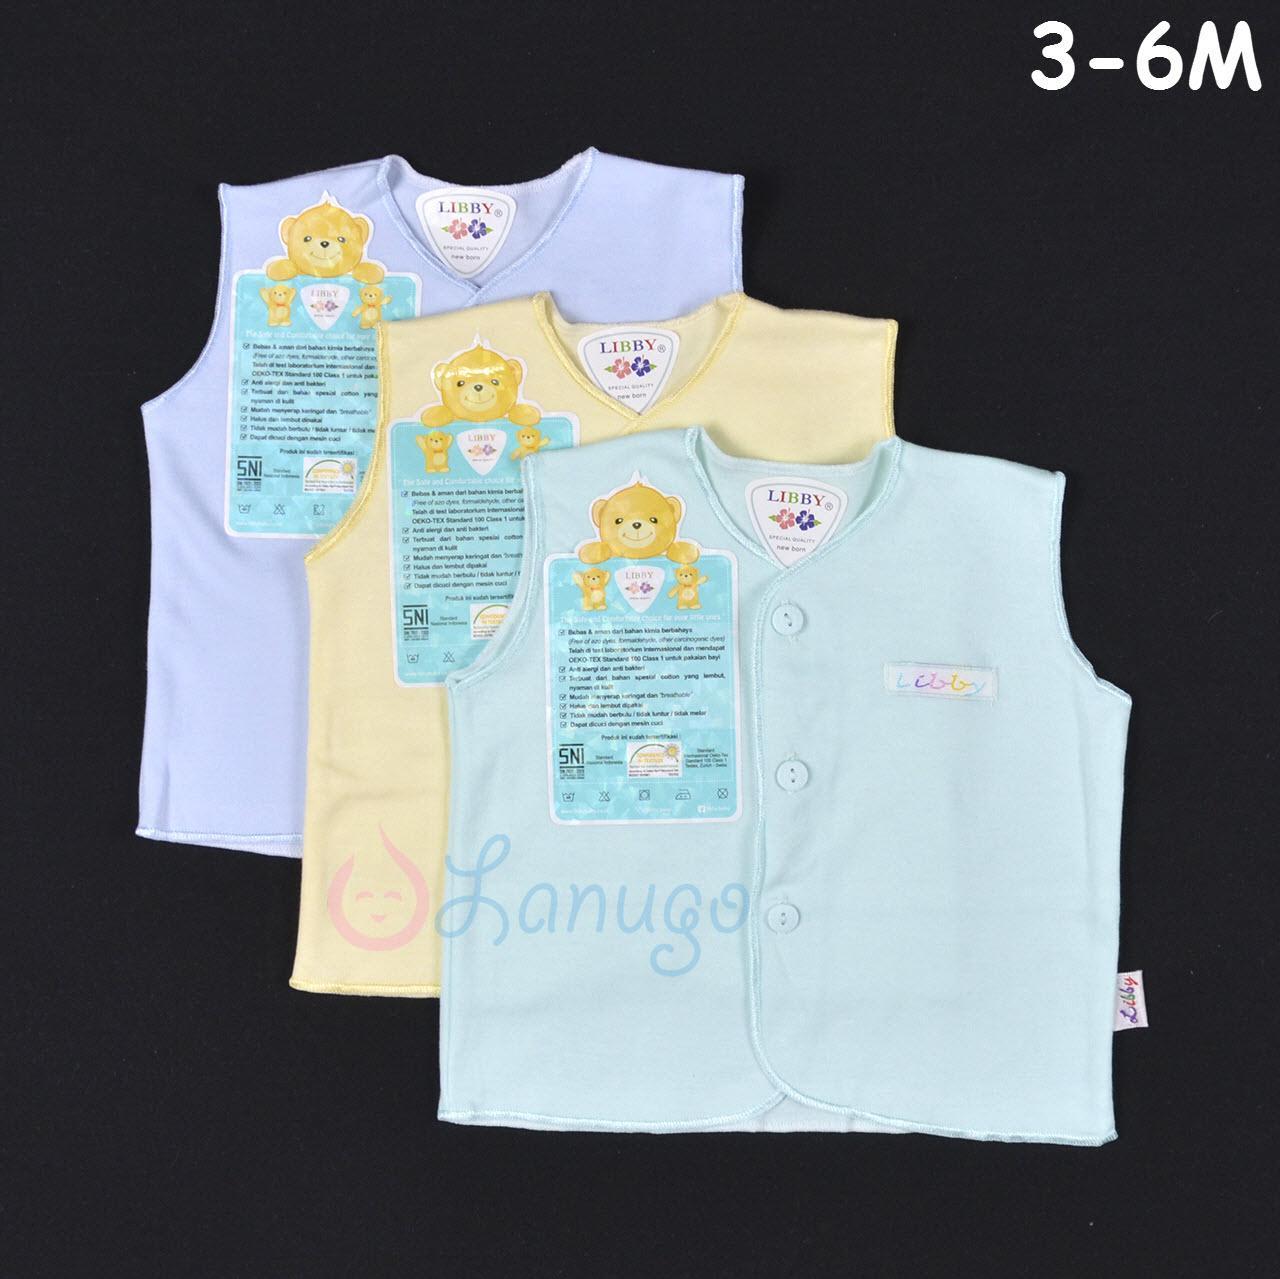 LIBBY 3 Pcs Baju Kutung Bayi/Baby Warna (3-6M)| Baju